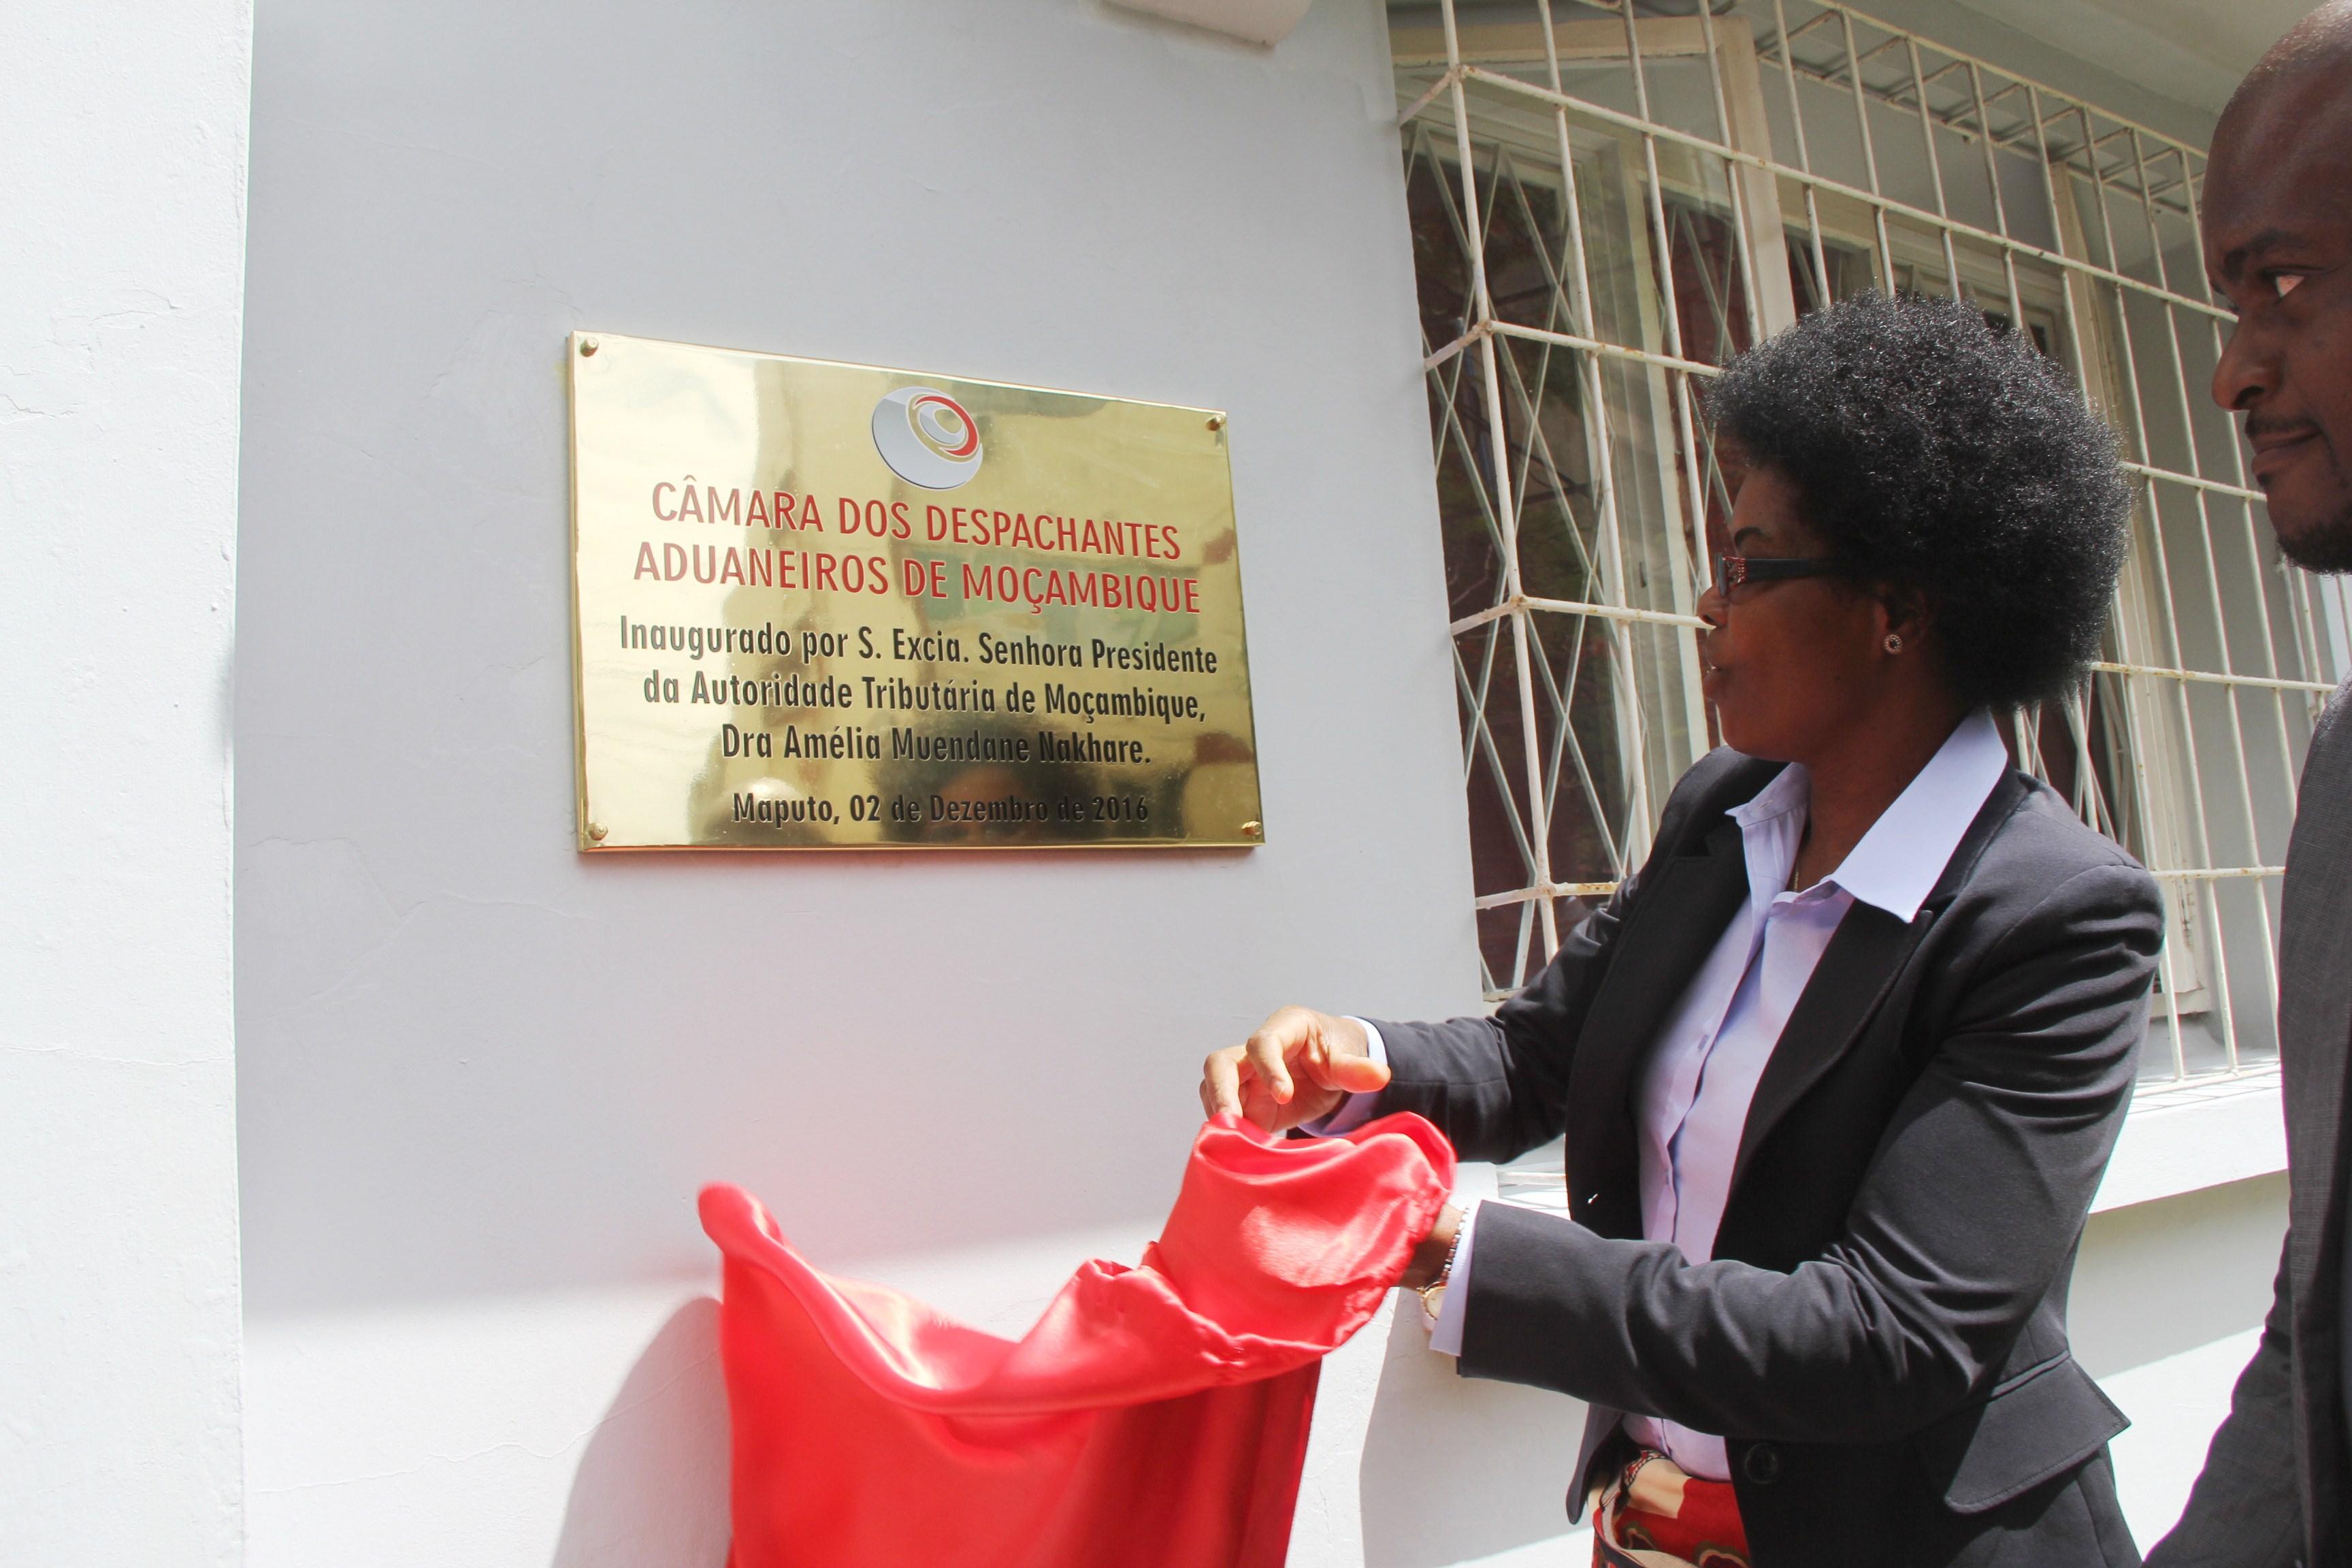 Câmara dos Despachantes O ciais de Angola visita Moçambique